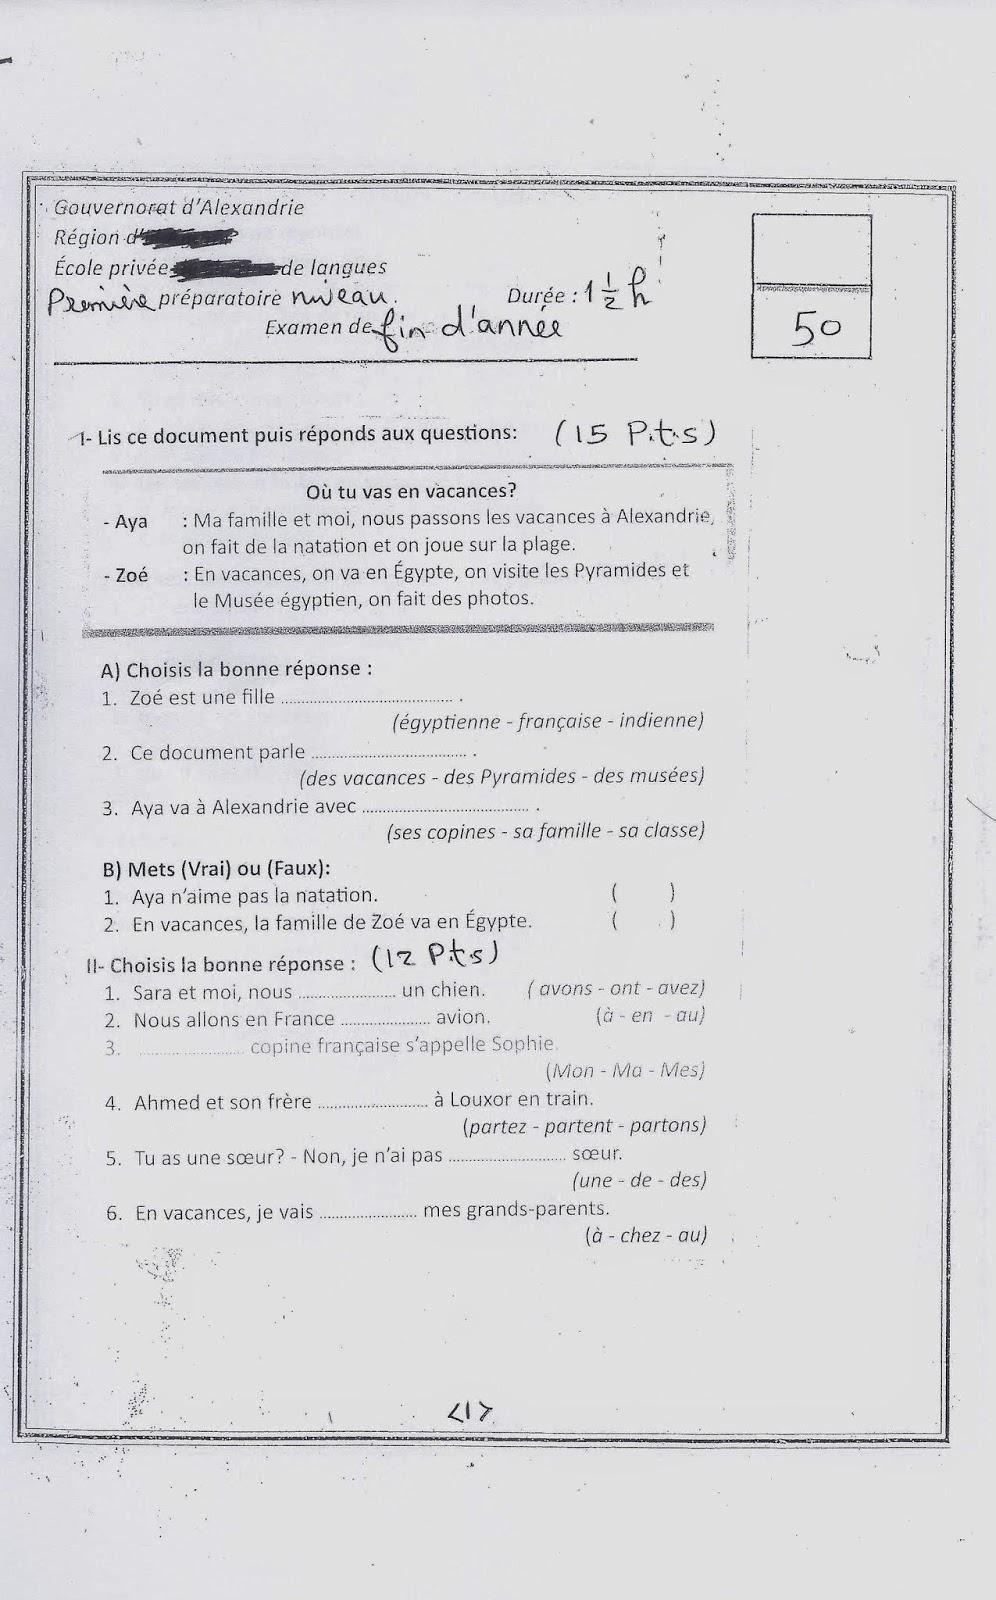 تجميع كل امتحانات اللغة الفرنسية للصفوف الابتدائية والاعدادية (مدارس اللغات والتجريبية) الترم الثانى 2015 - صفحة 2 Scan0045